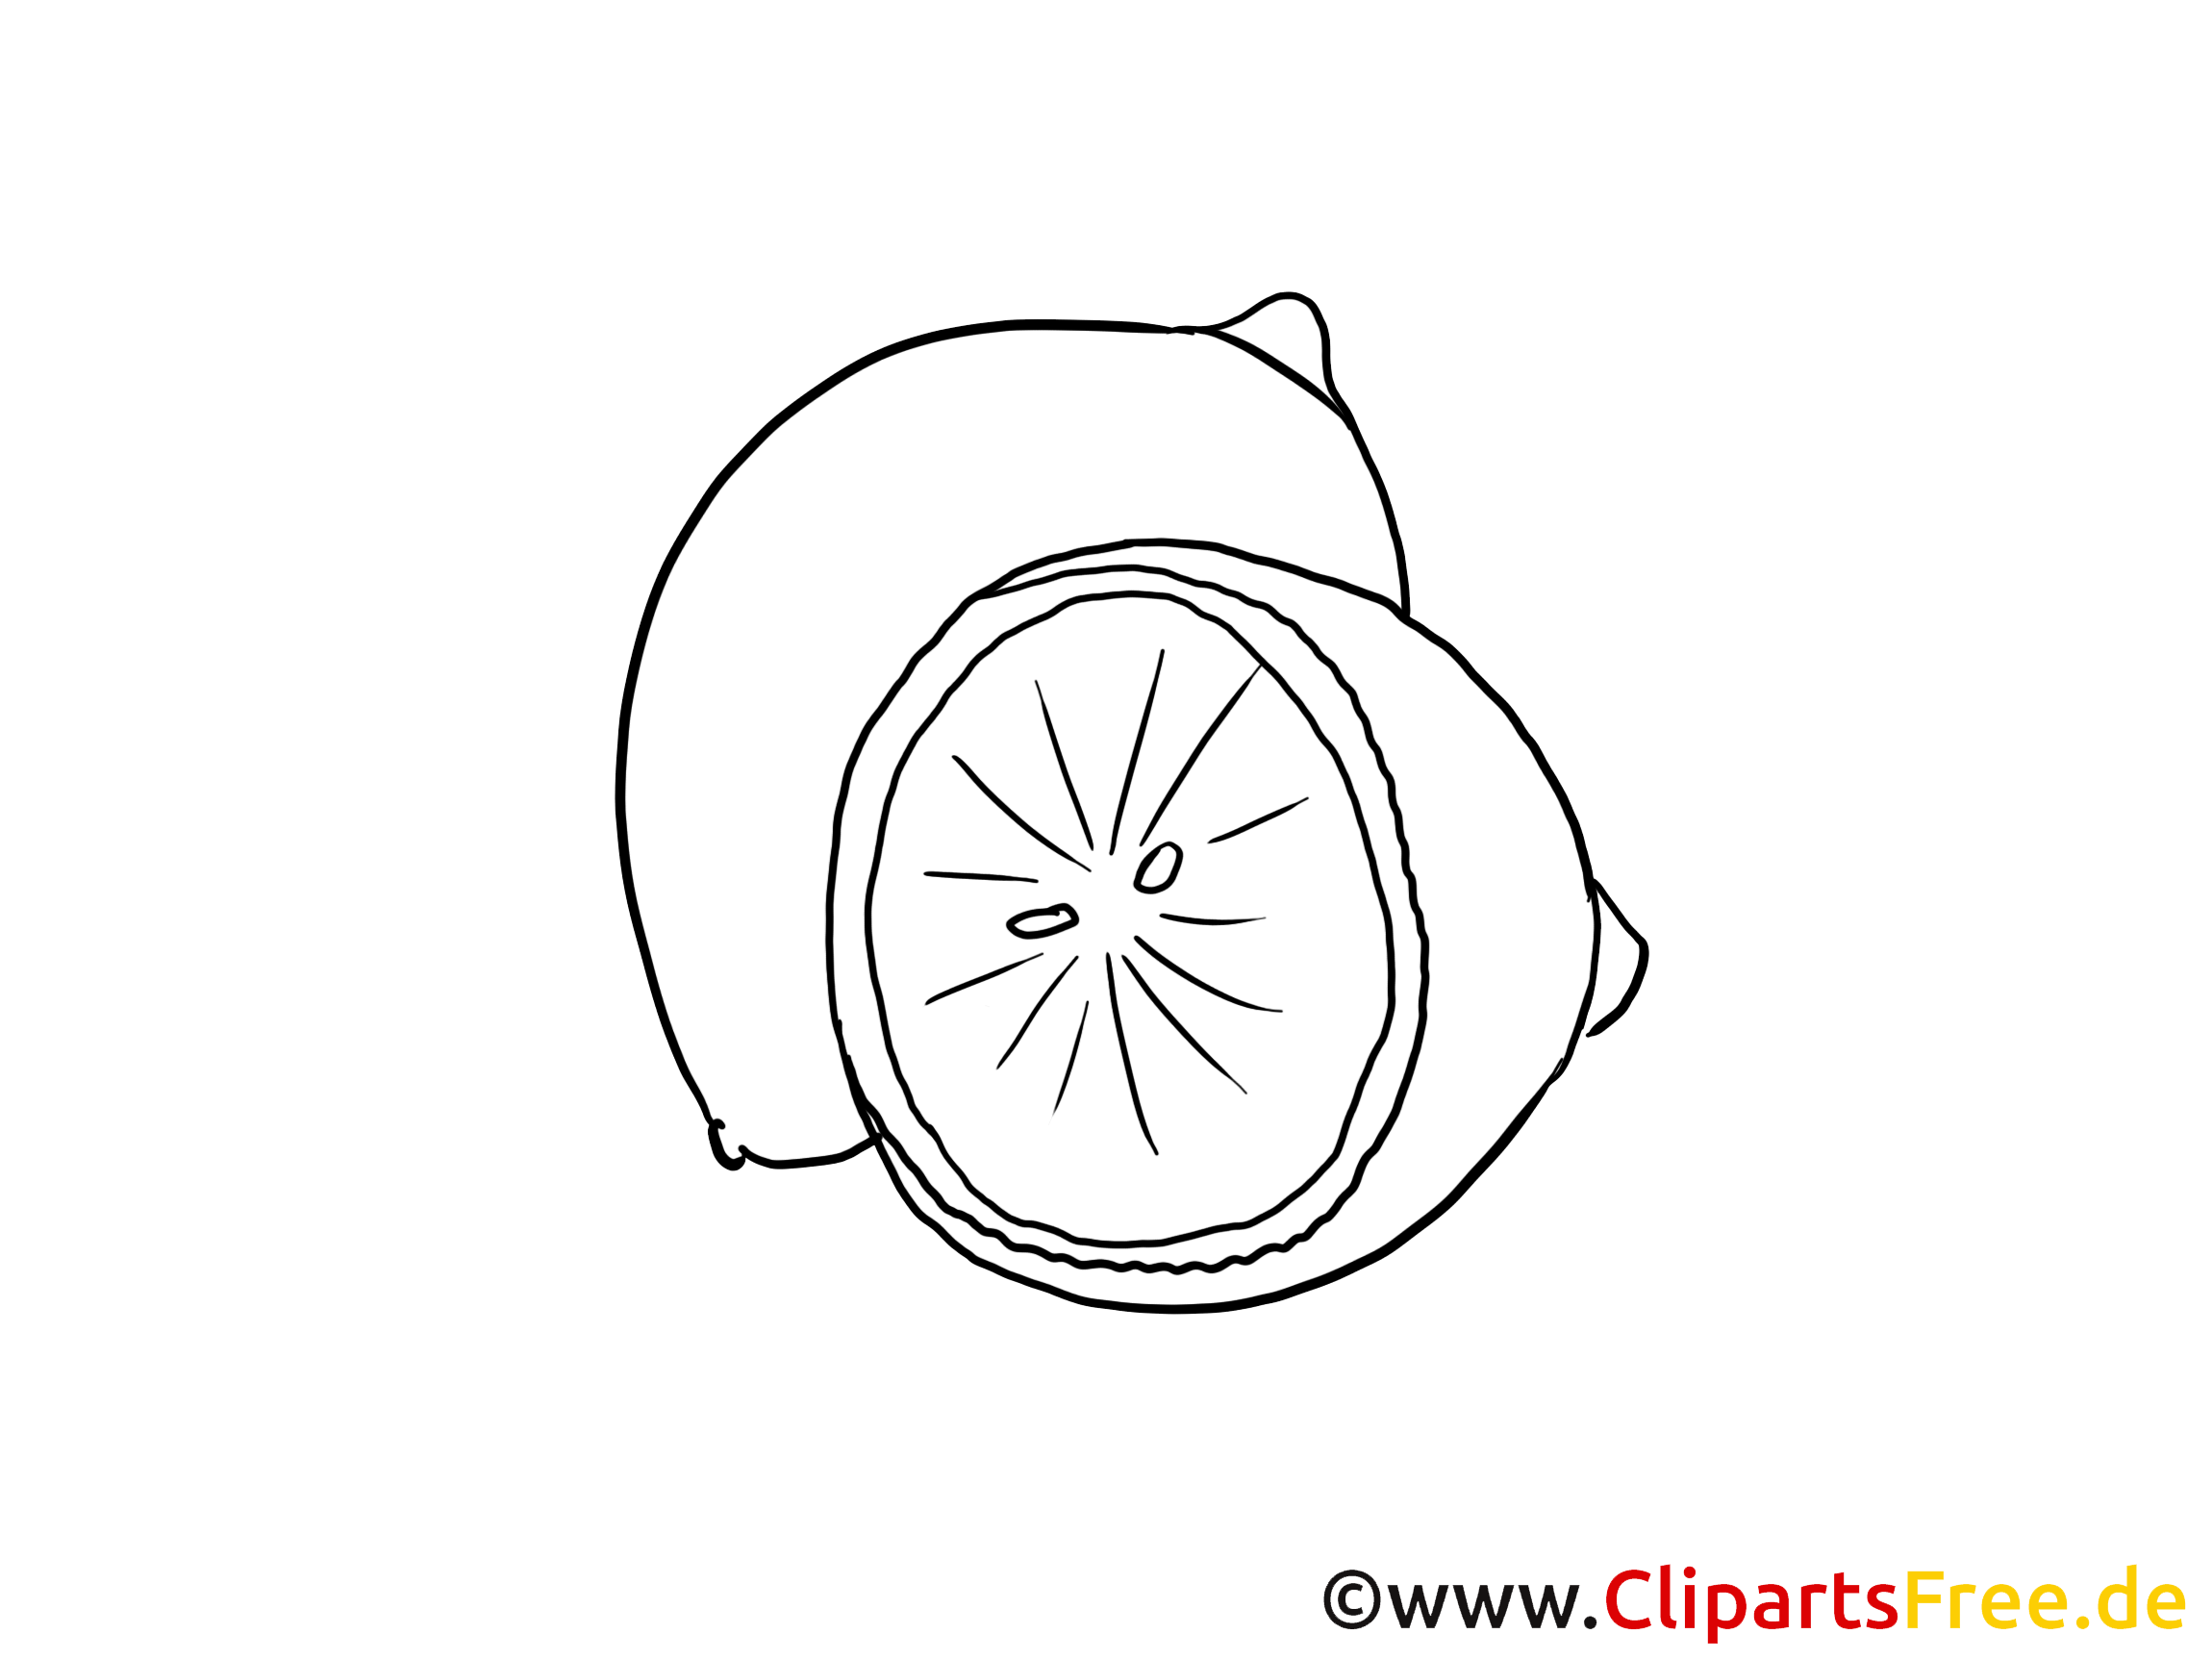 Zitrone Clipart schwarz-weiss